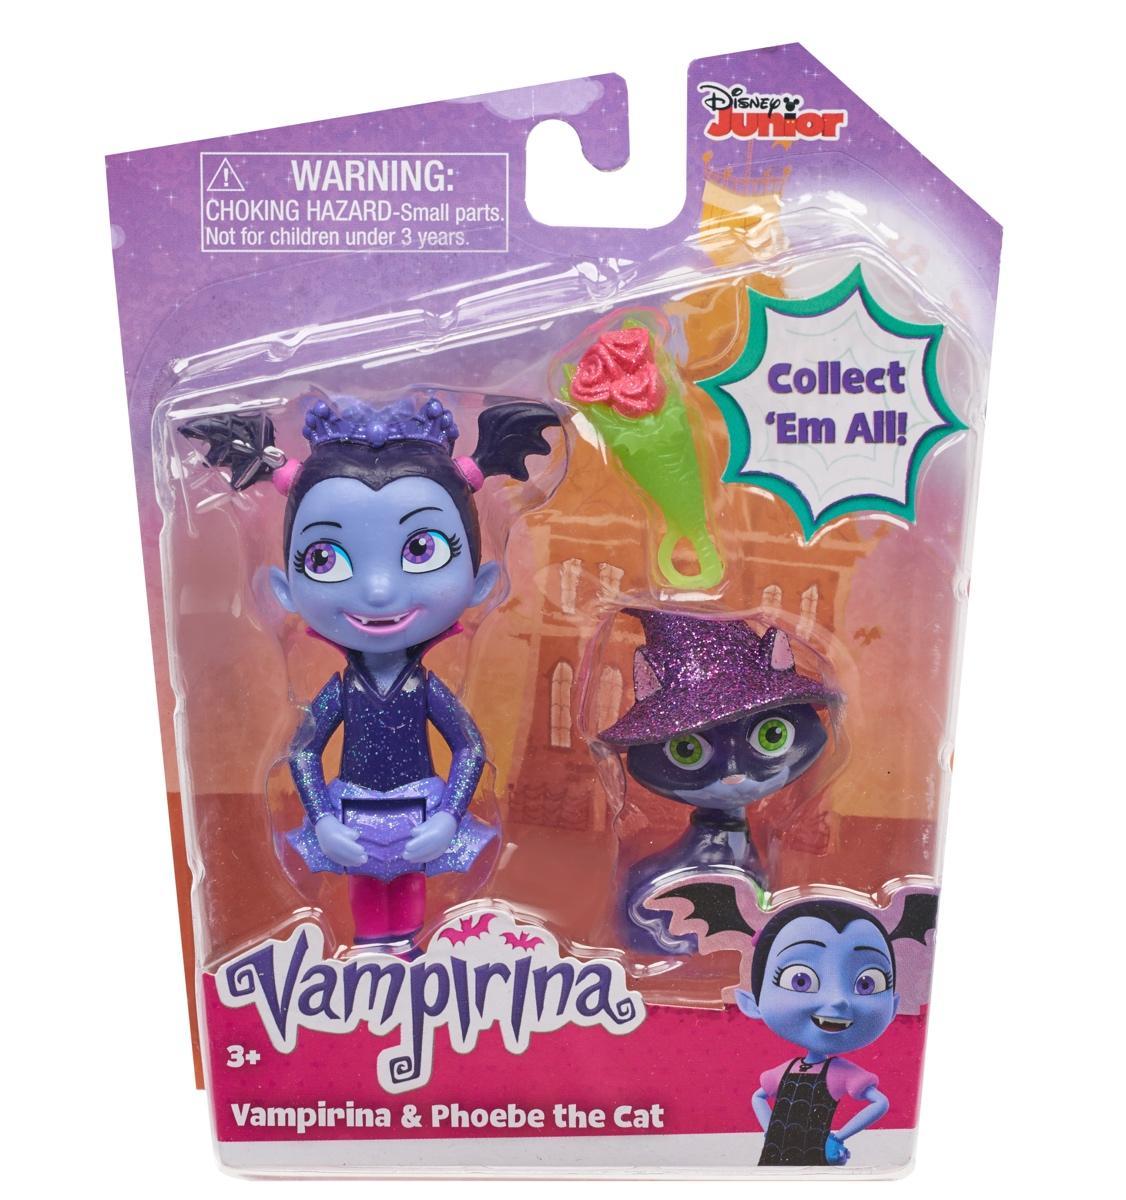 Vampirina Best Ghoul Vee & Phoebe Friends Set